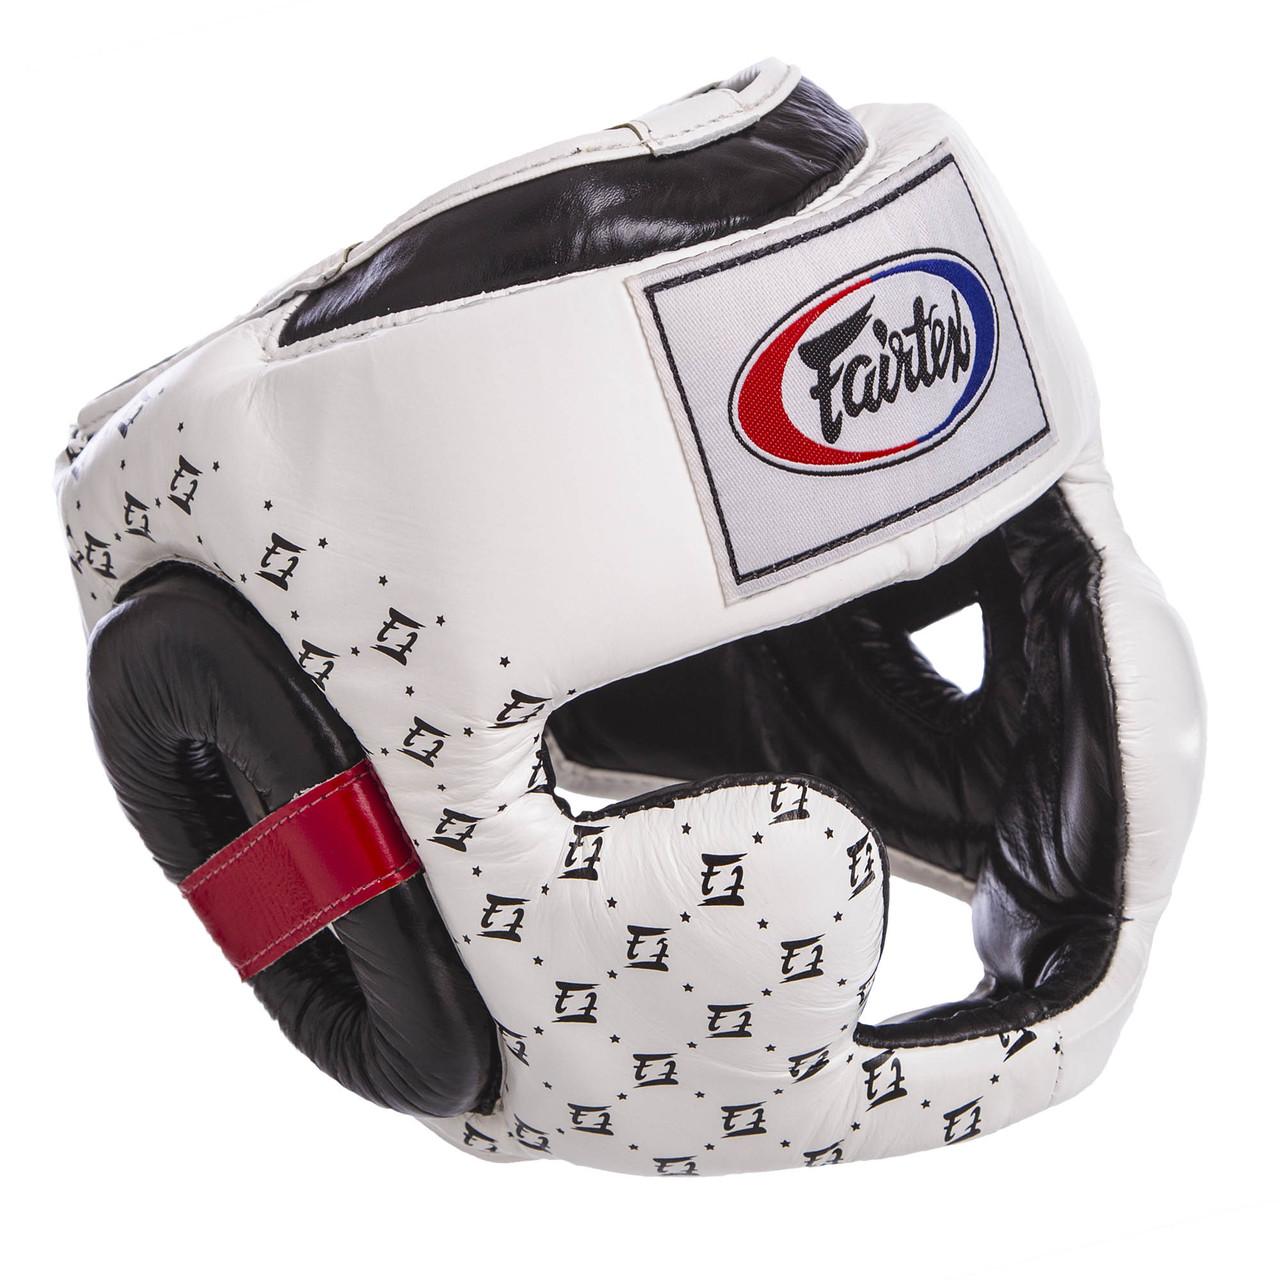 Шлем боксерский с полной защитой кожаный FAIRTEX HG10 (р-р M-XL, цвета в ассортименте)